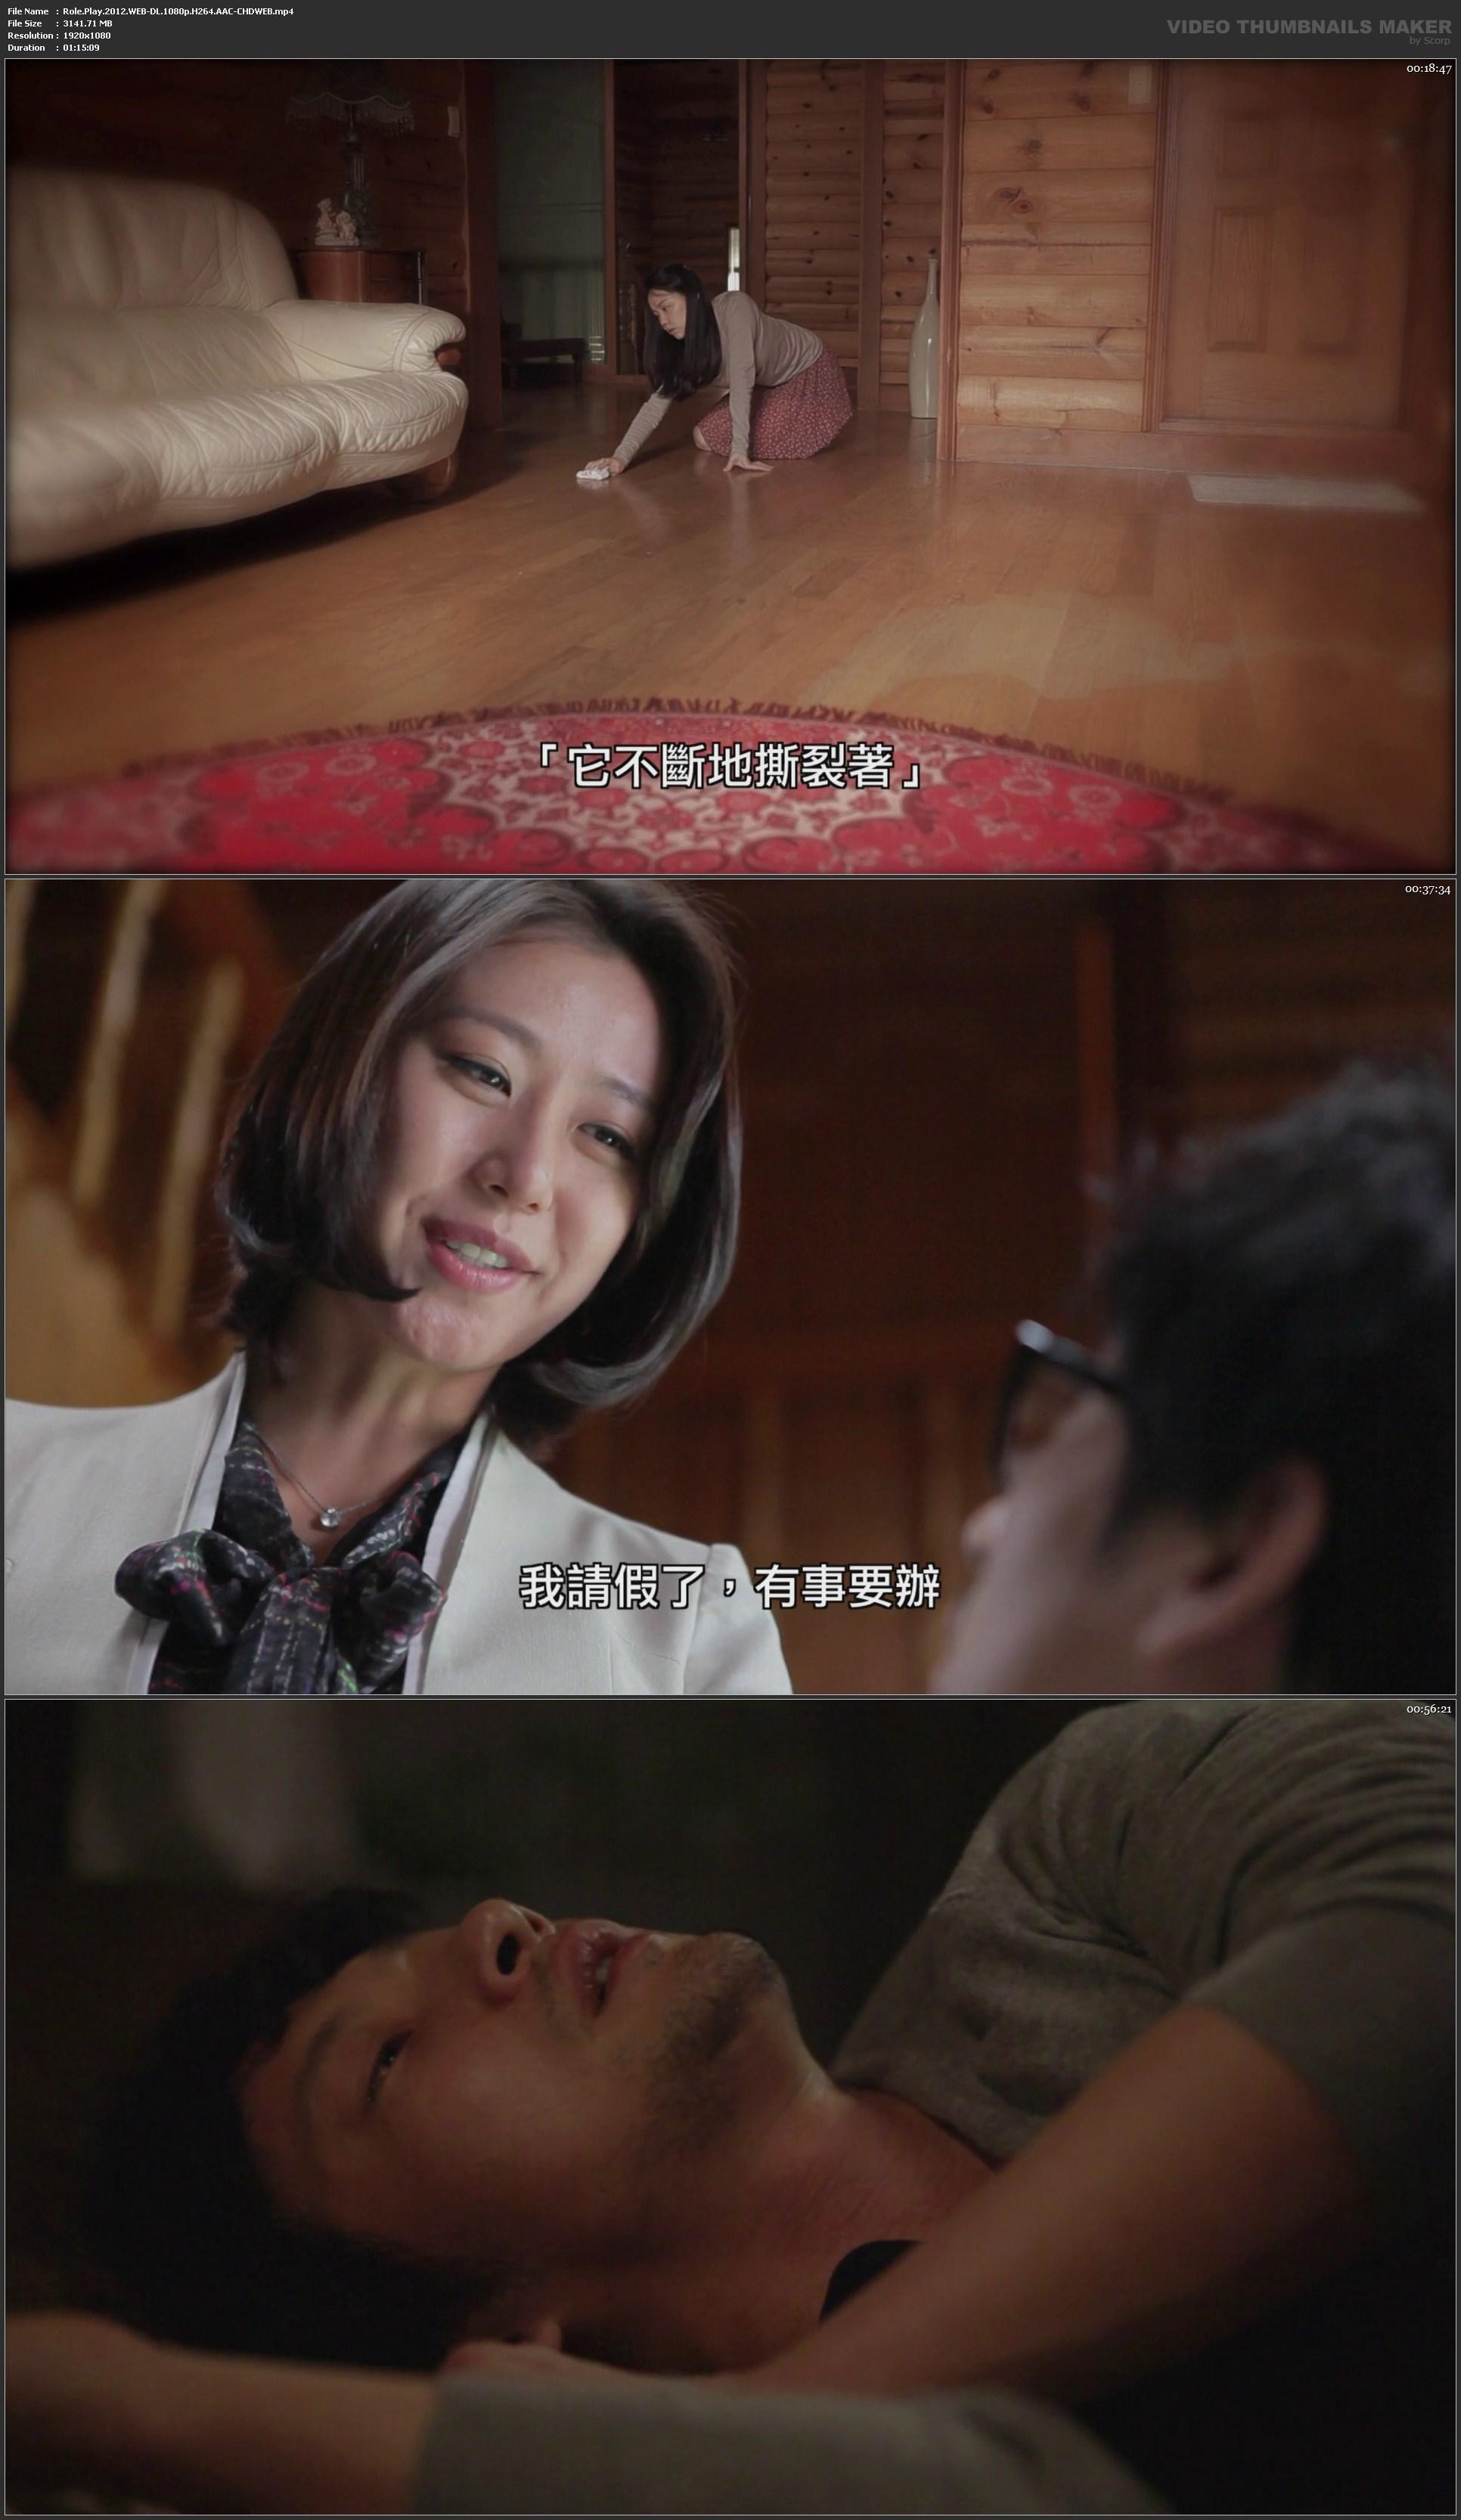 _【2012】蘿莉塔:情陷謬思